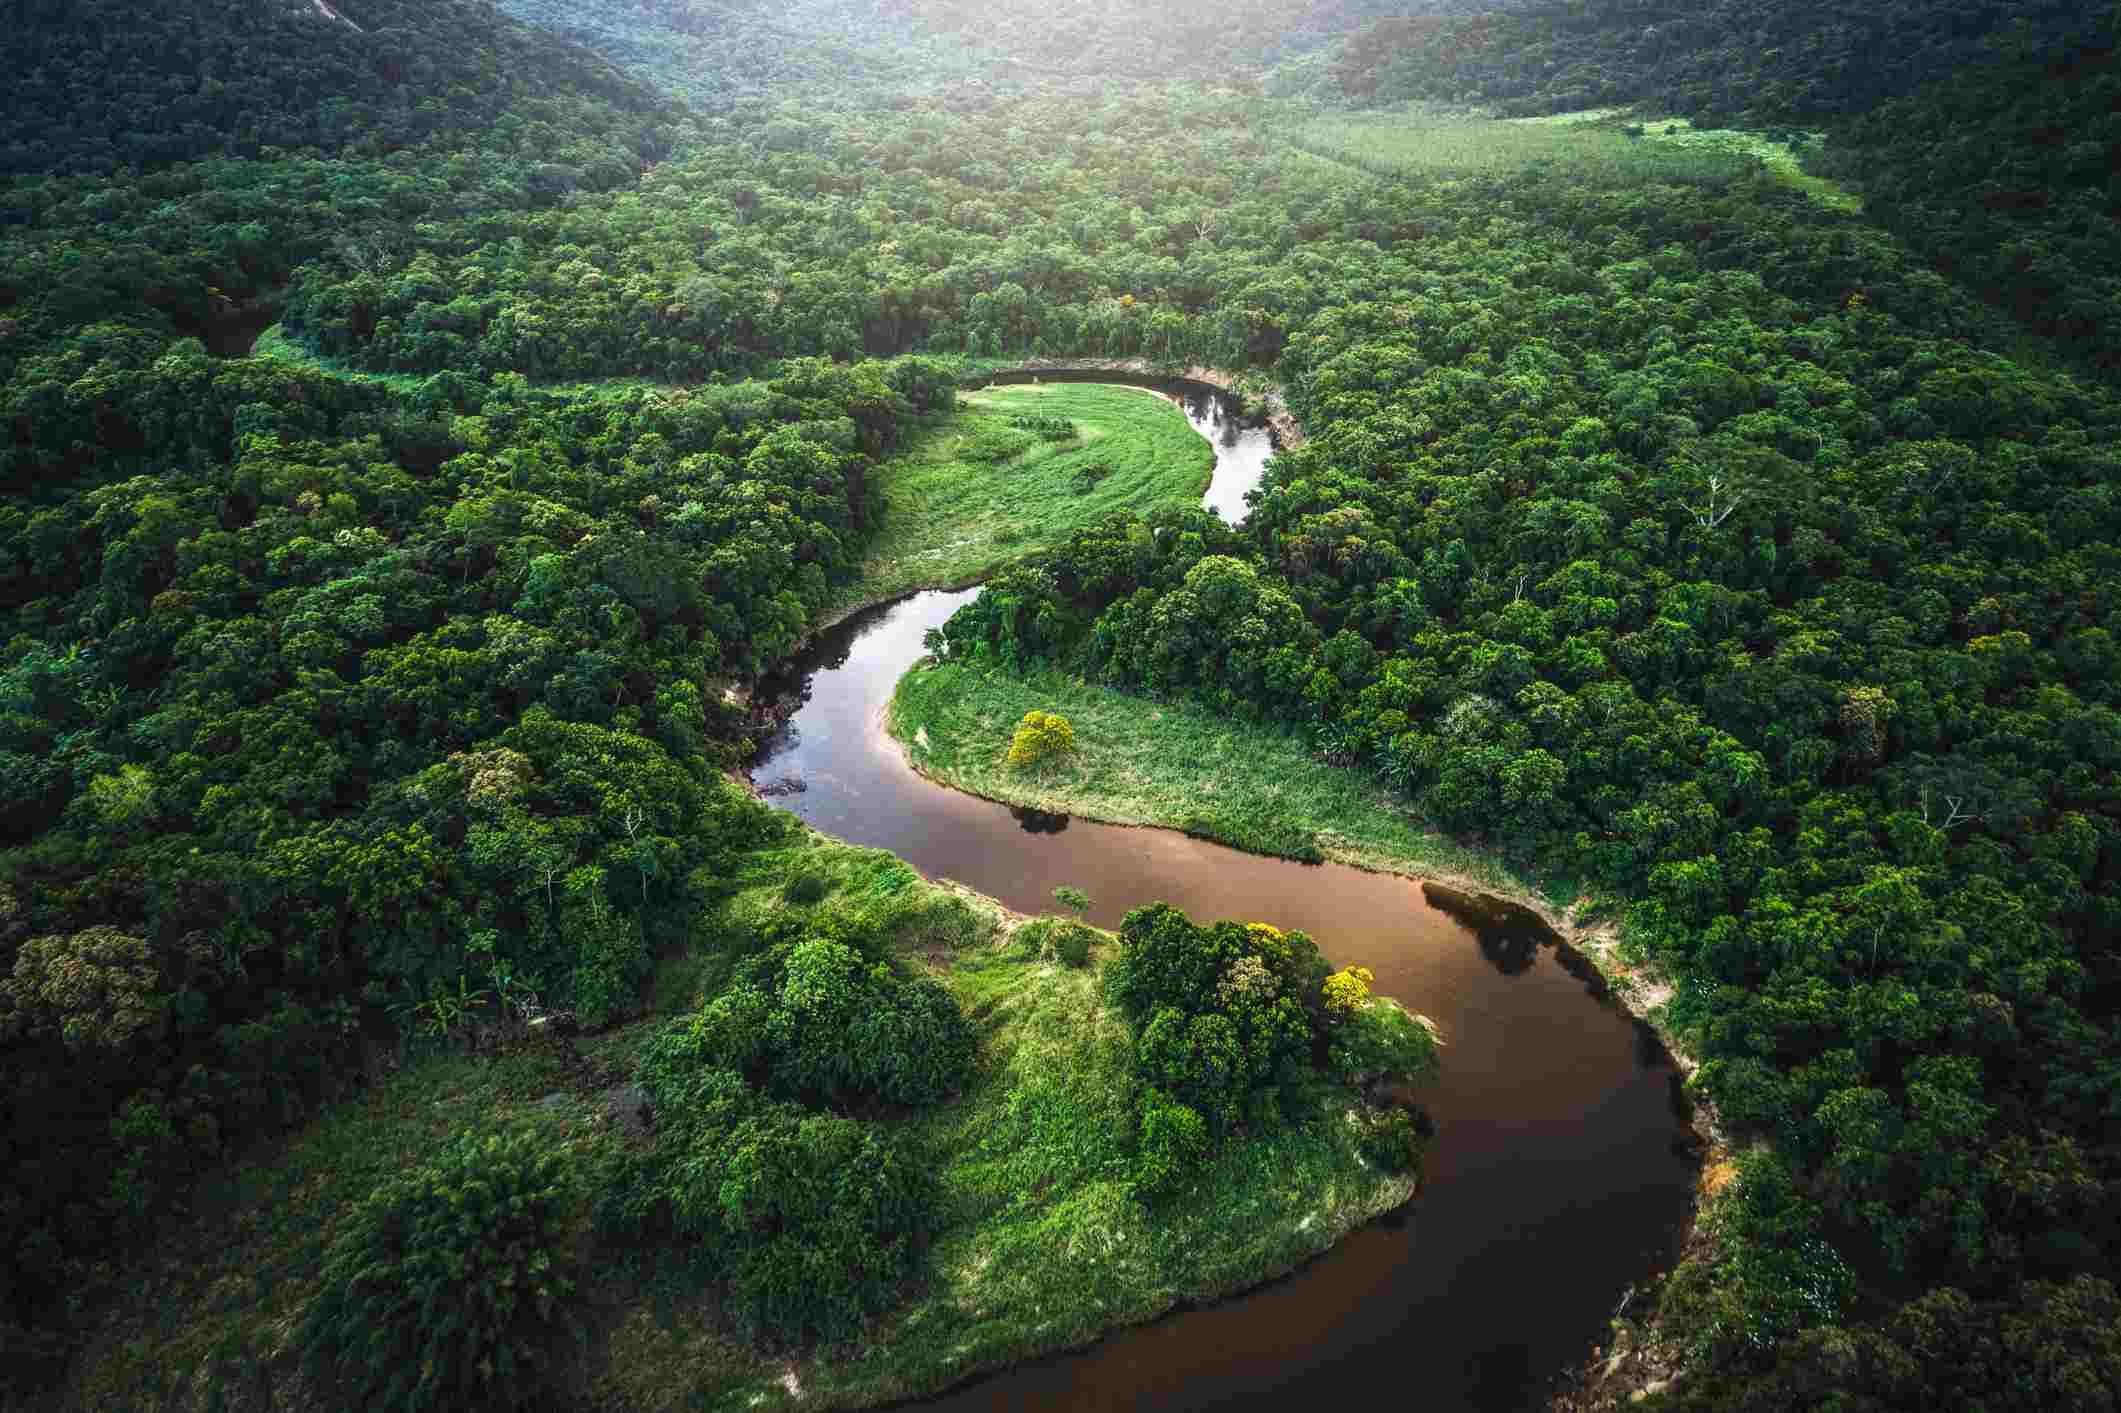 Amazon Rainforest, Basin, Brazil